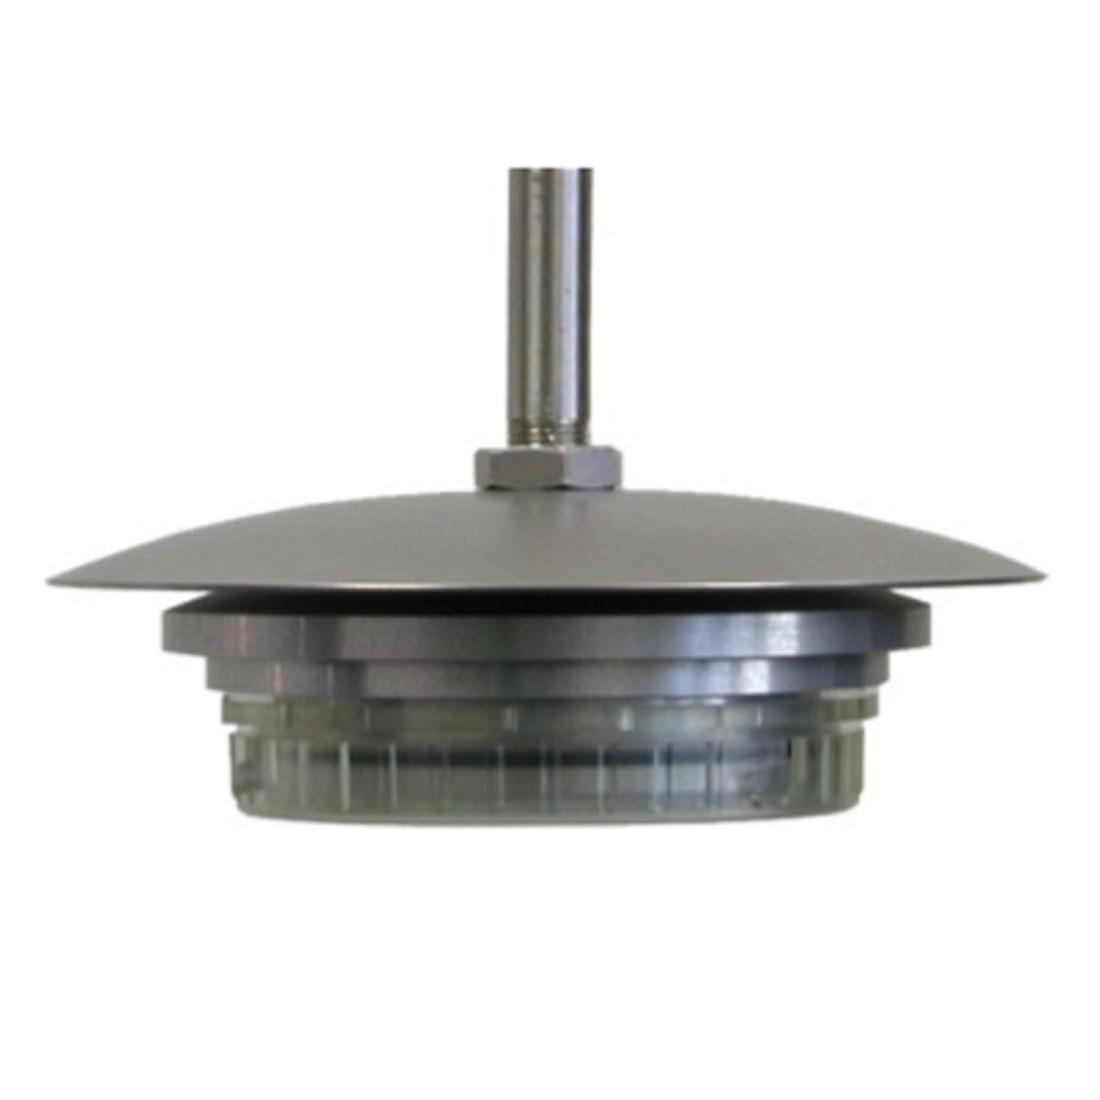 COMDE-DERENDA Probenahmekopf mit Einweg-filterhalter für sterilisierte Polycarbonatfilter